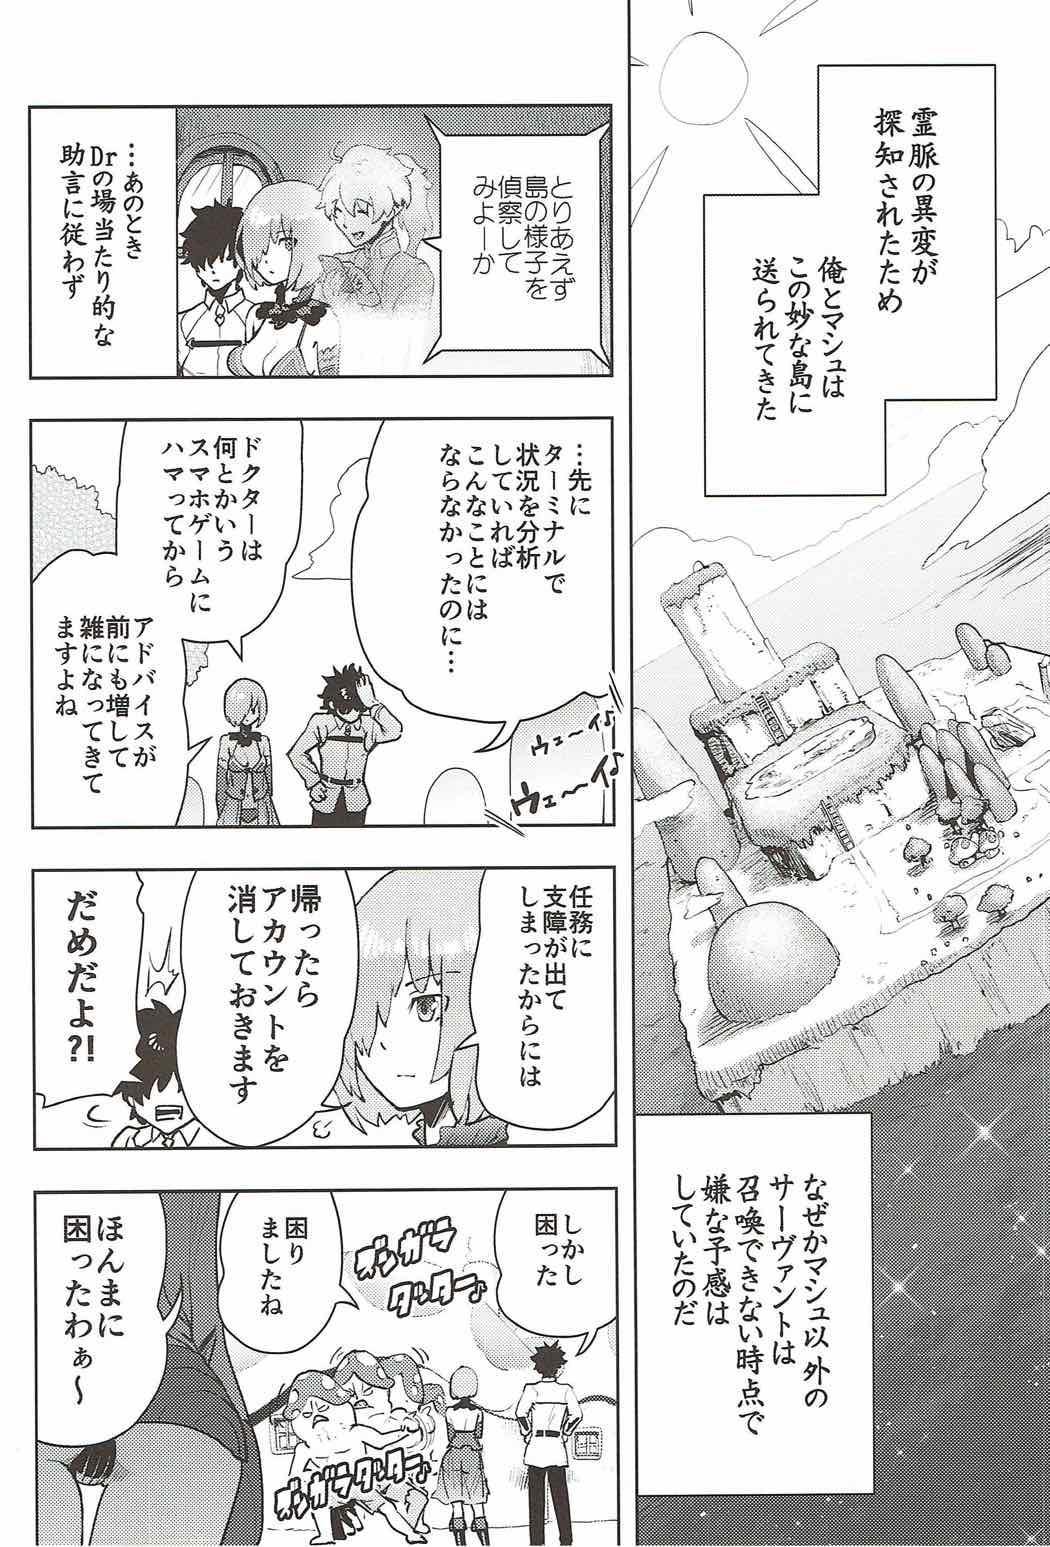 Mash to Ecchi na Tanebi Quest 4